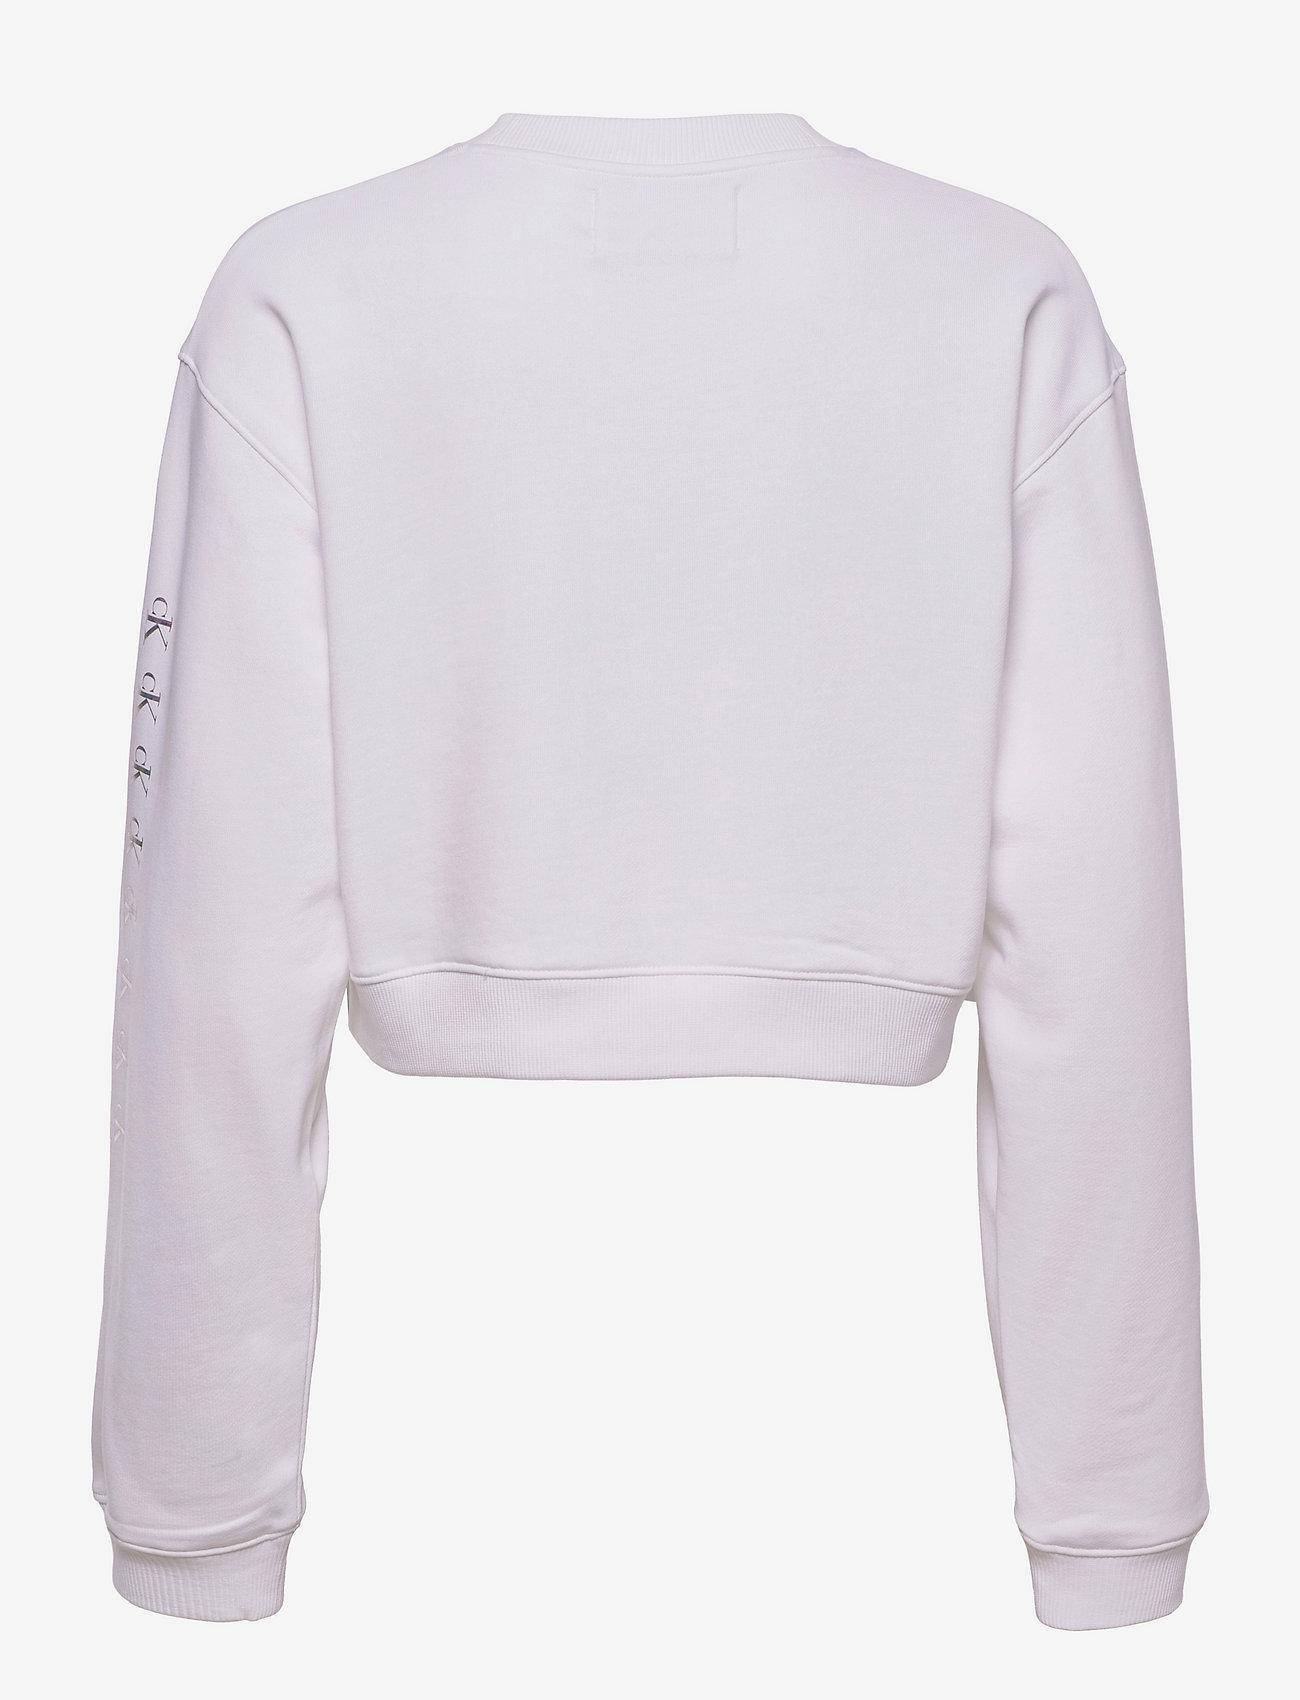 Calvin Klein Jeans - SHINE LOGO CREW NECK - sweatshirts & hættetrøjer - bright white - 1